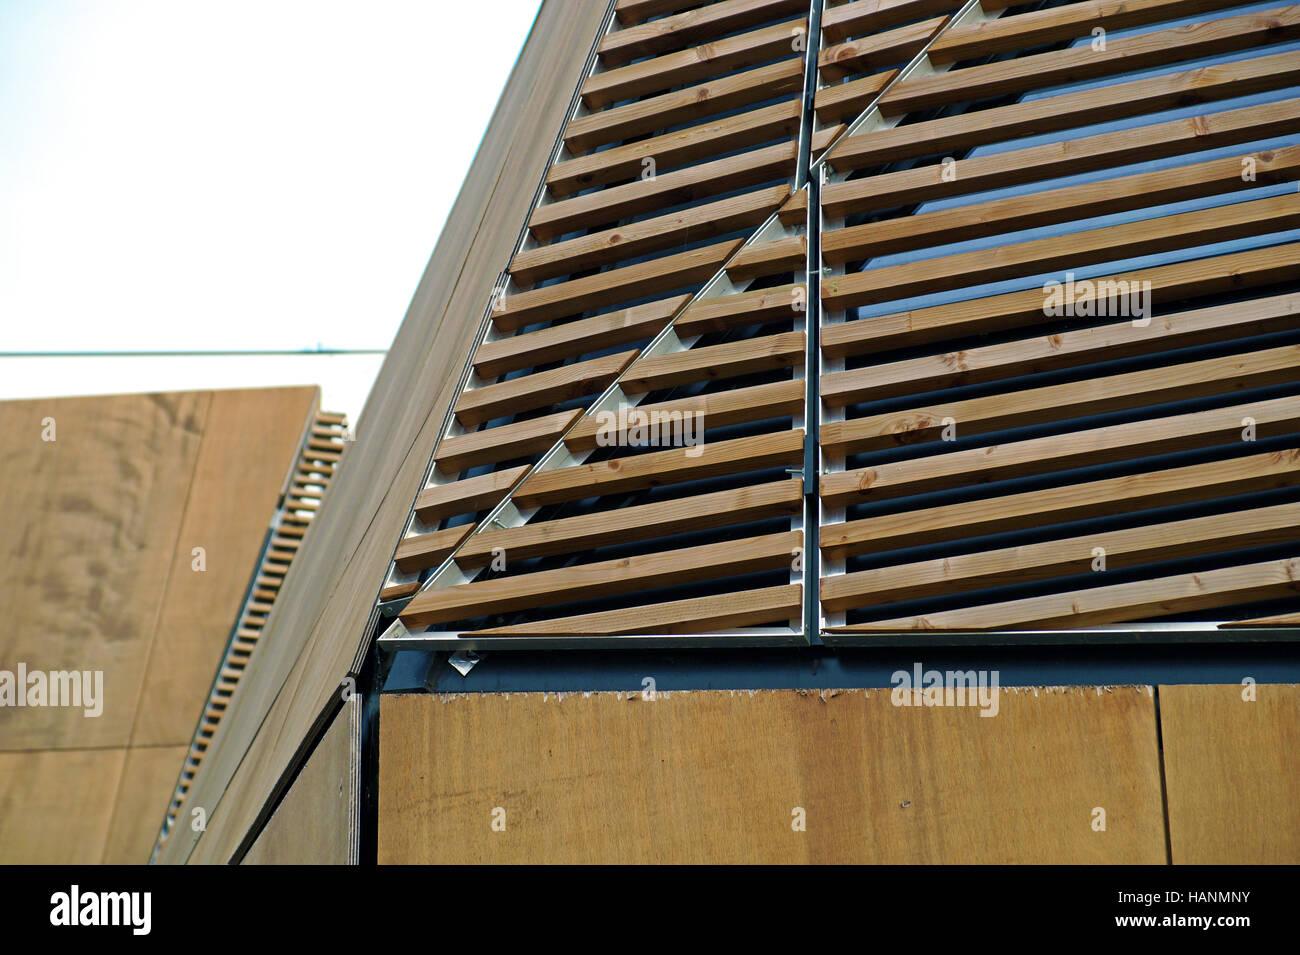 Moderne holzarchitektur  Detail der moderne Holzarchitektur in Brettschichtholz auf blauen ...